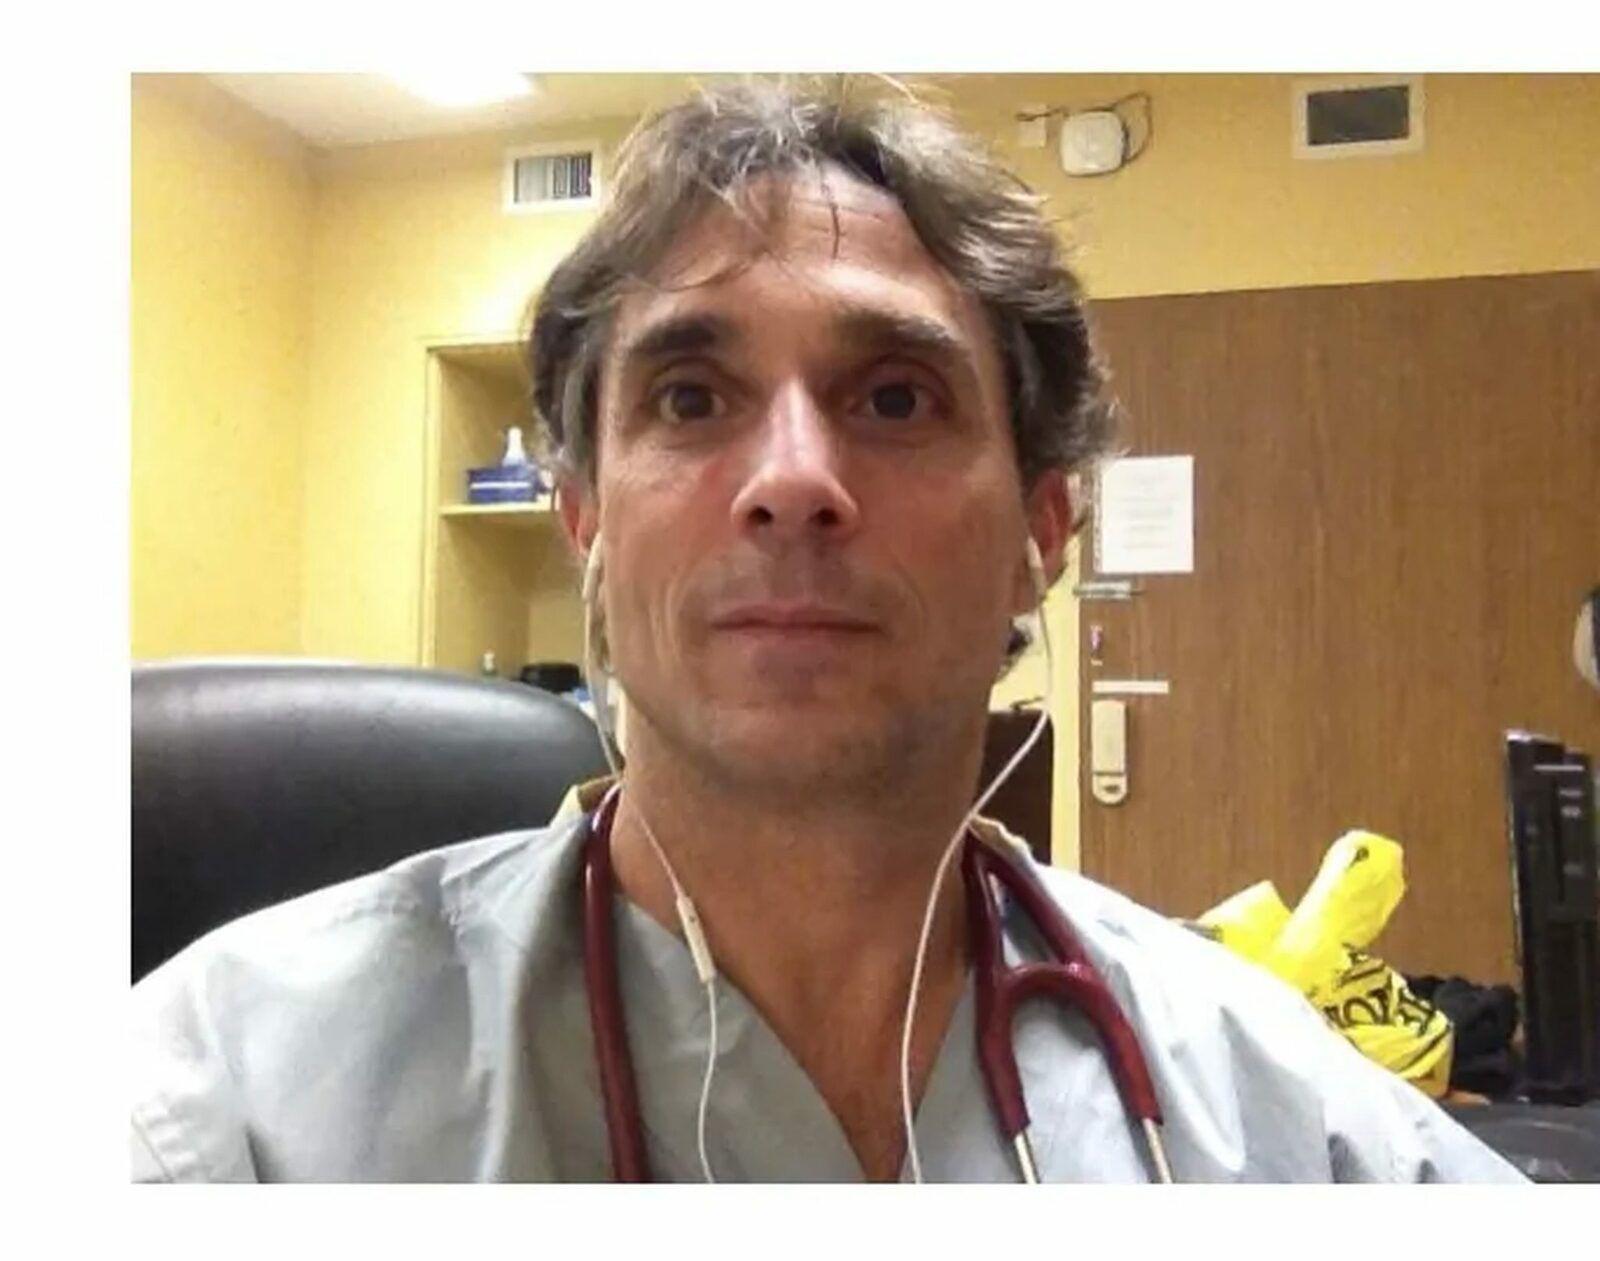 """Covid-19. Testimonio del Dr. Mark Trozi, médico de urgencias que respeta el juramento hipocrático:  """"Nos están engañando y manipulando"""""""